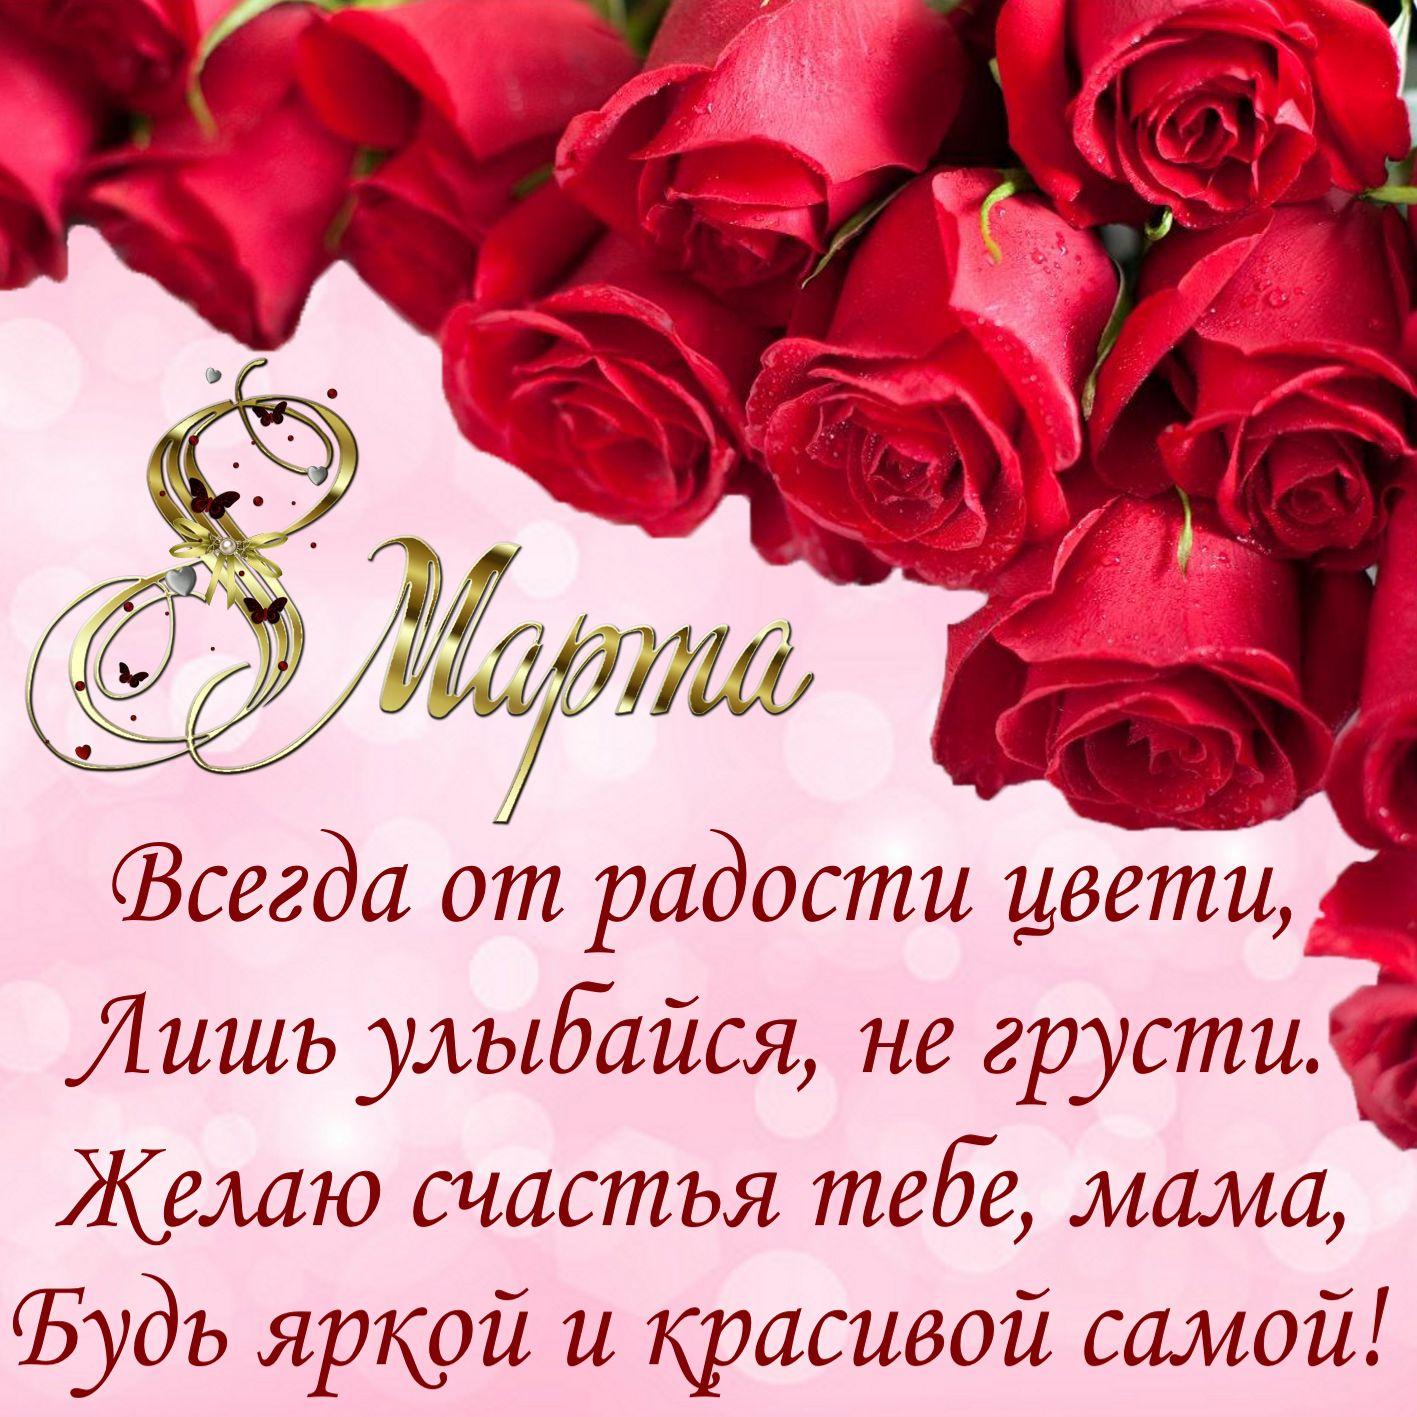 Поздравления восьмым марта маме